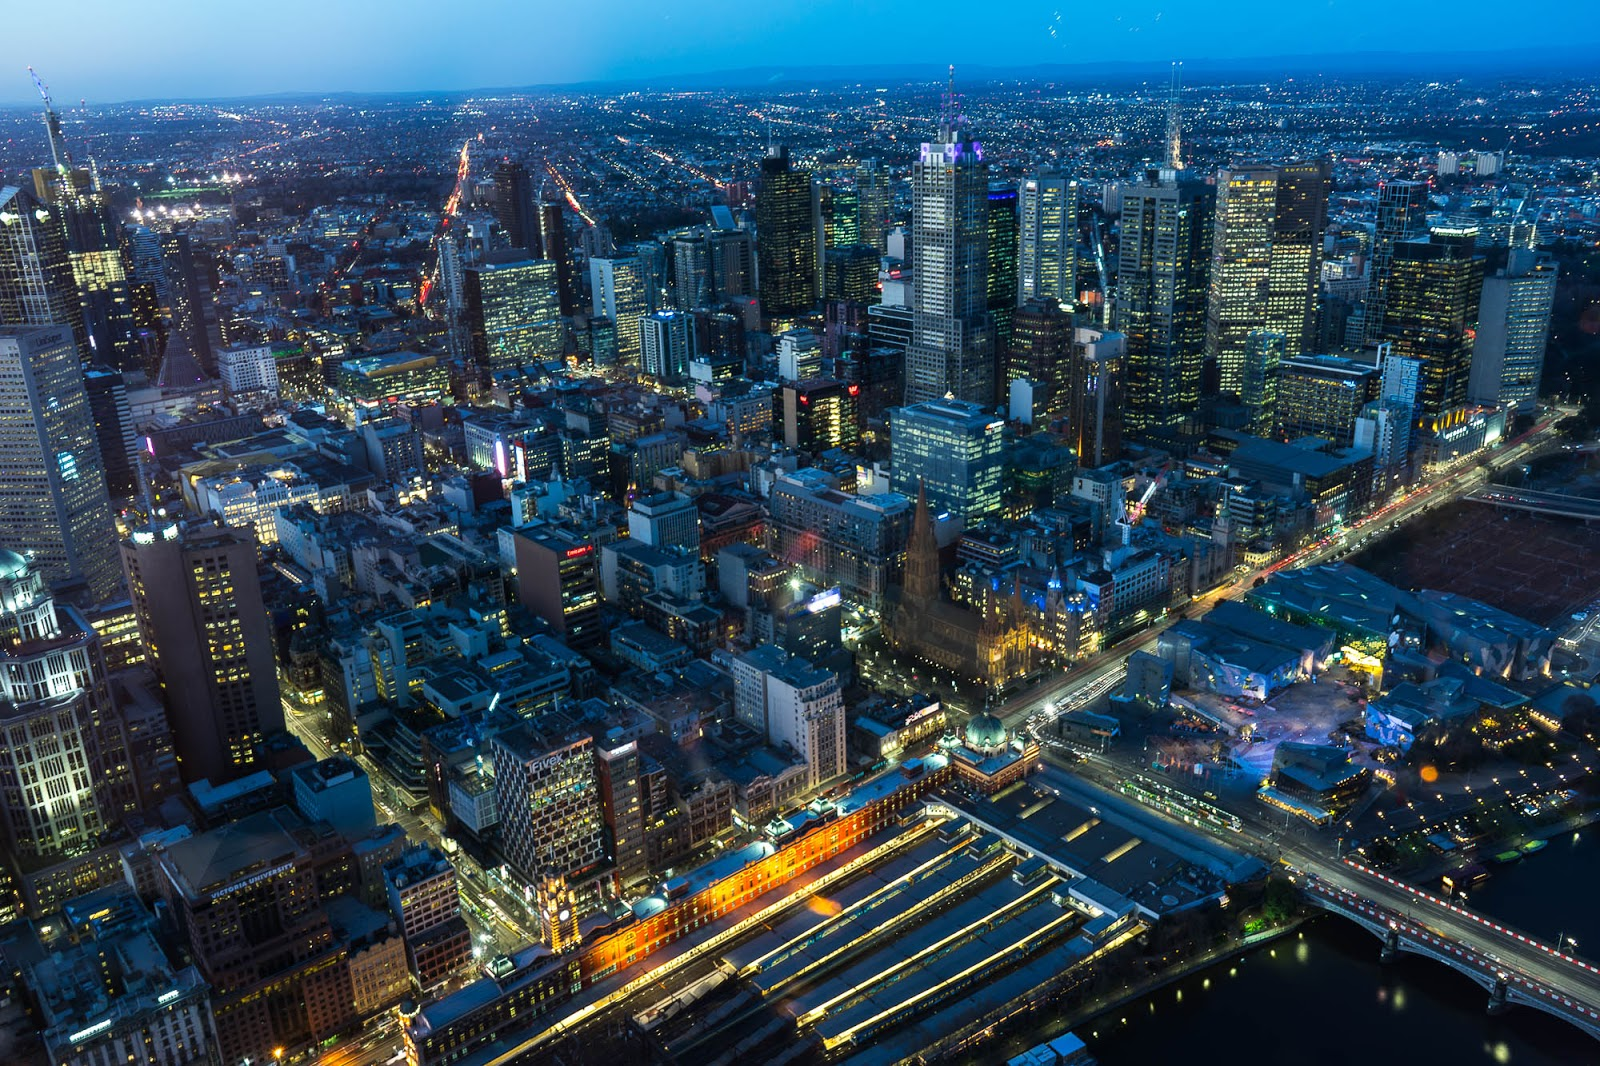 位於墨爾本南岸的尤利卡88大樓觀景台 拍攝墨爾本市區夜景